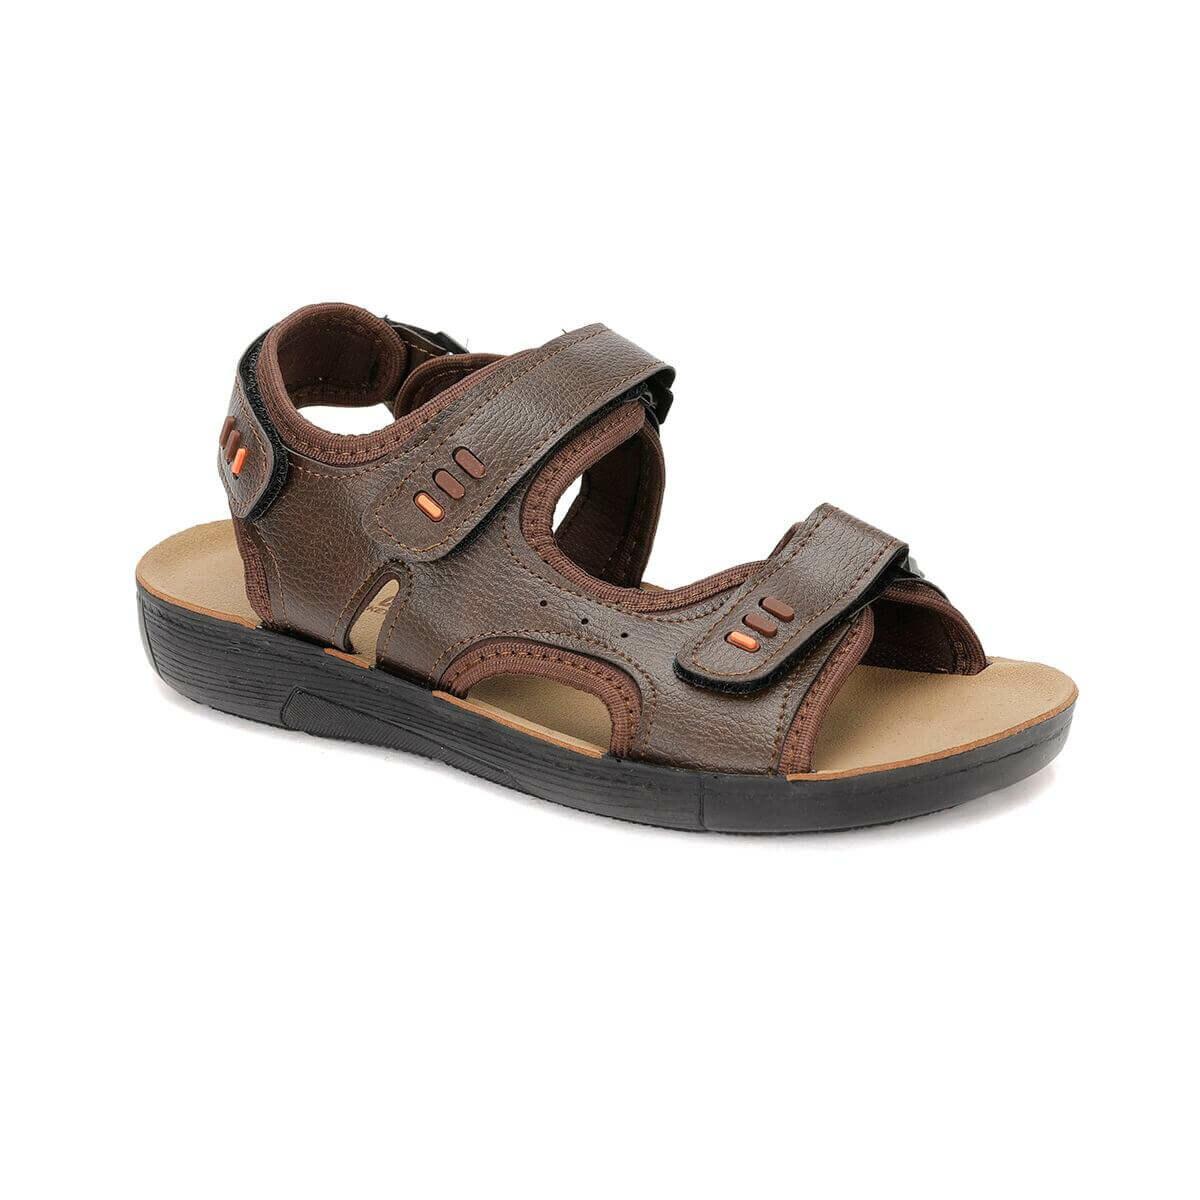 FLO EF-3 sandalias marrones para hombre Panama Club